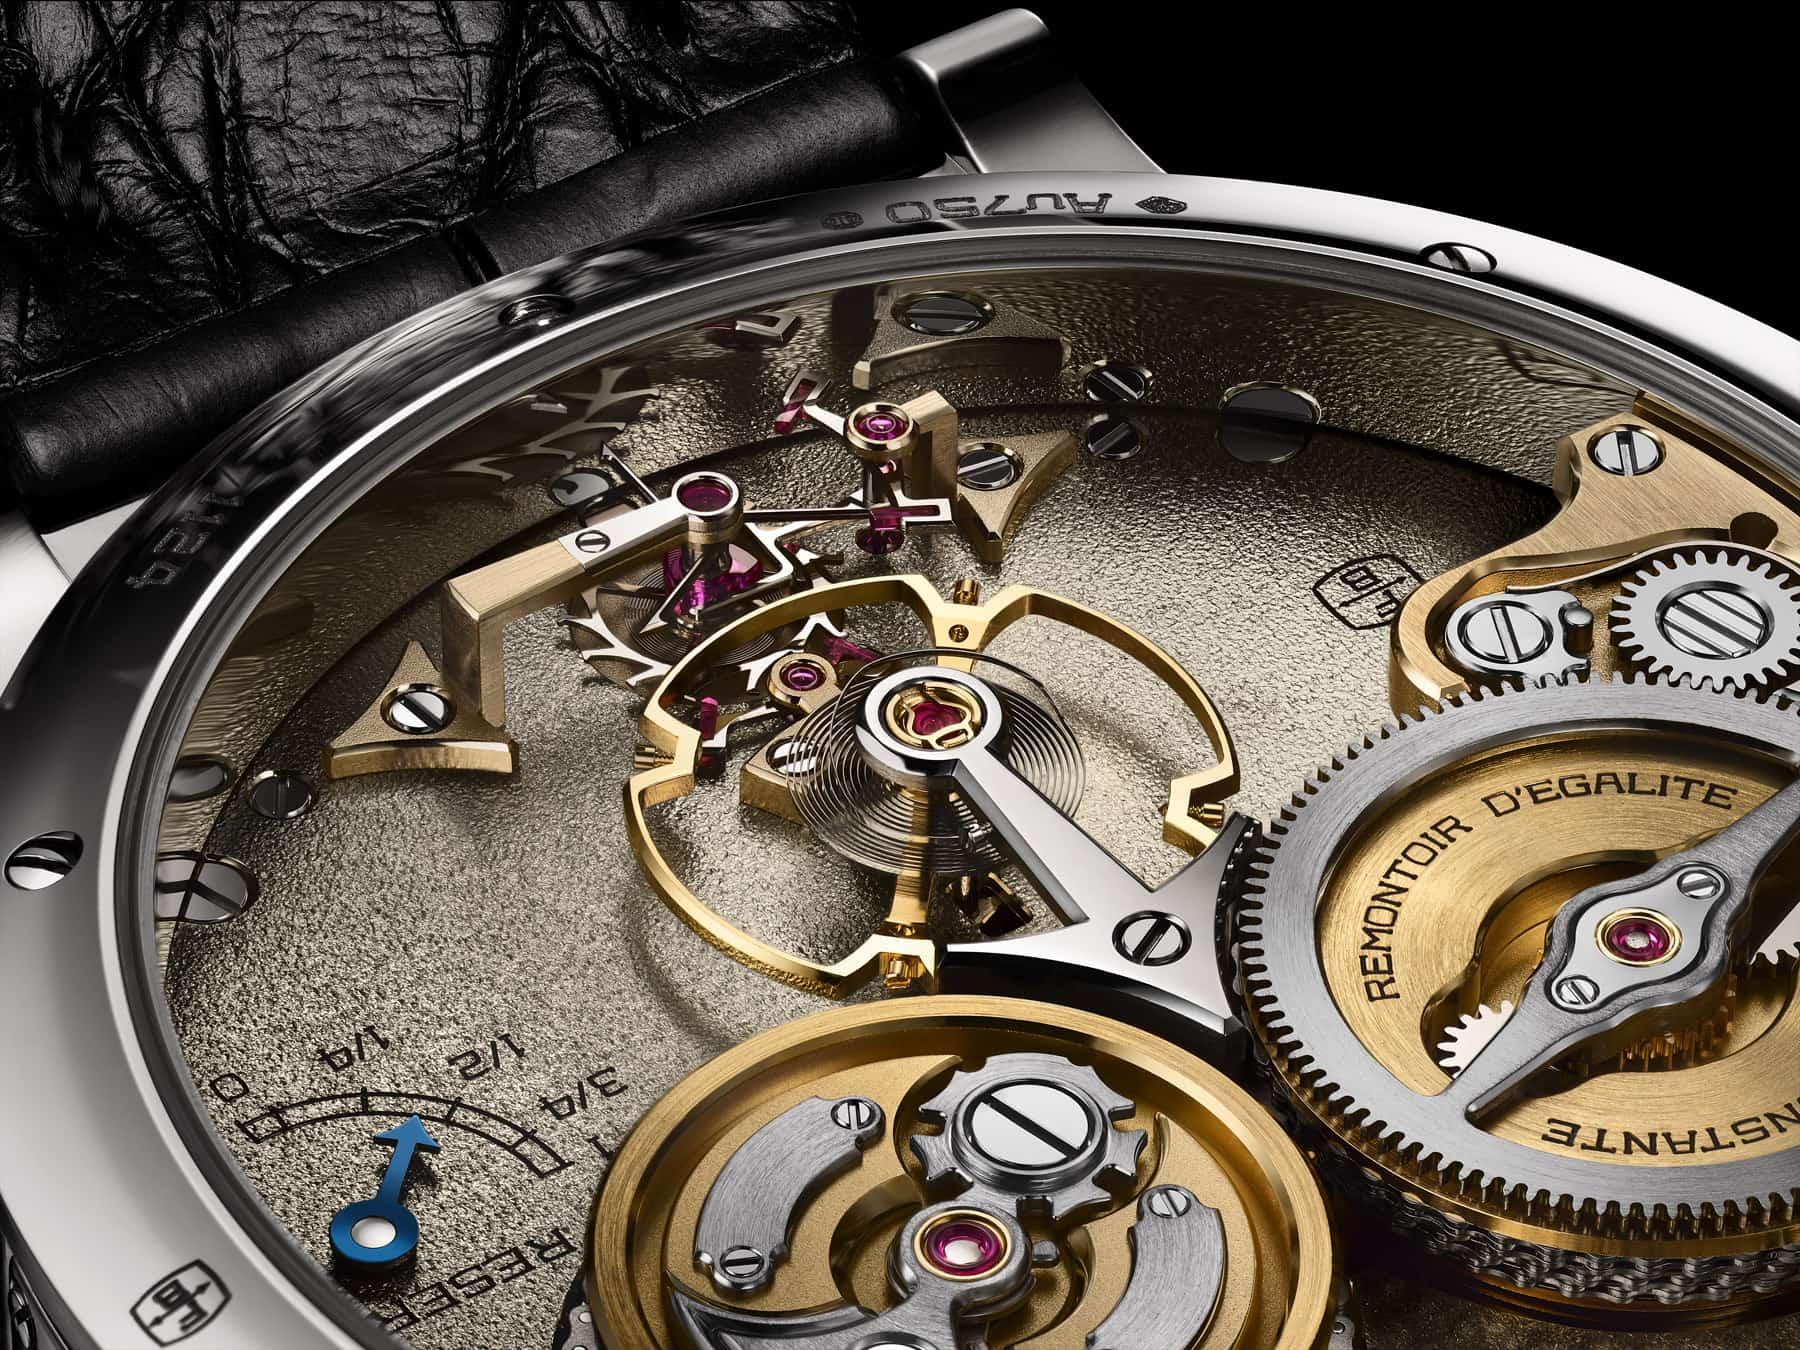 Chronometrie-Berthoud.KaliberFB-2RE.1-Zwischenaufzug